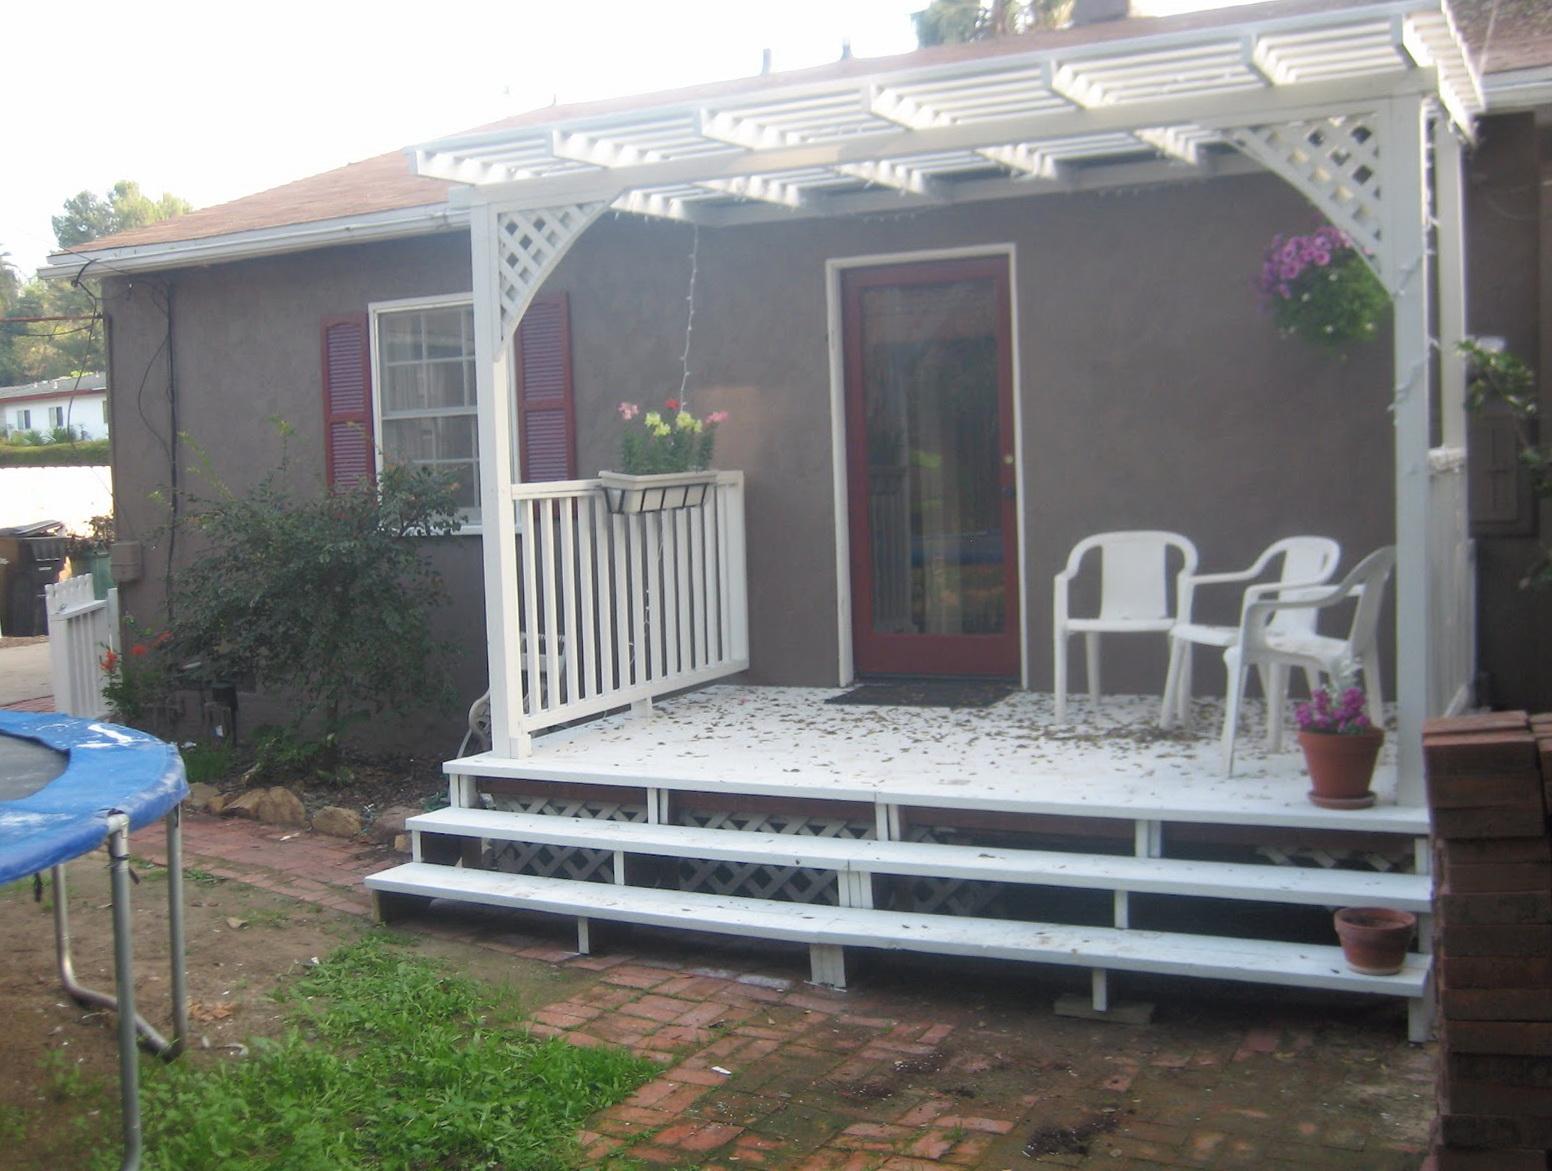 Back Porch Grill Granbury